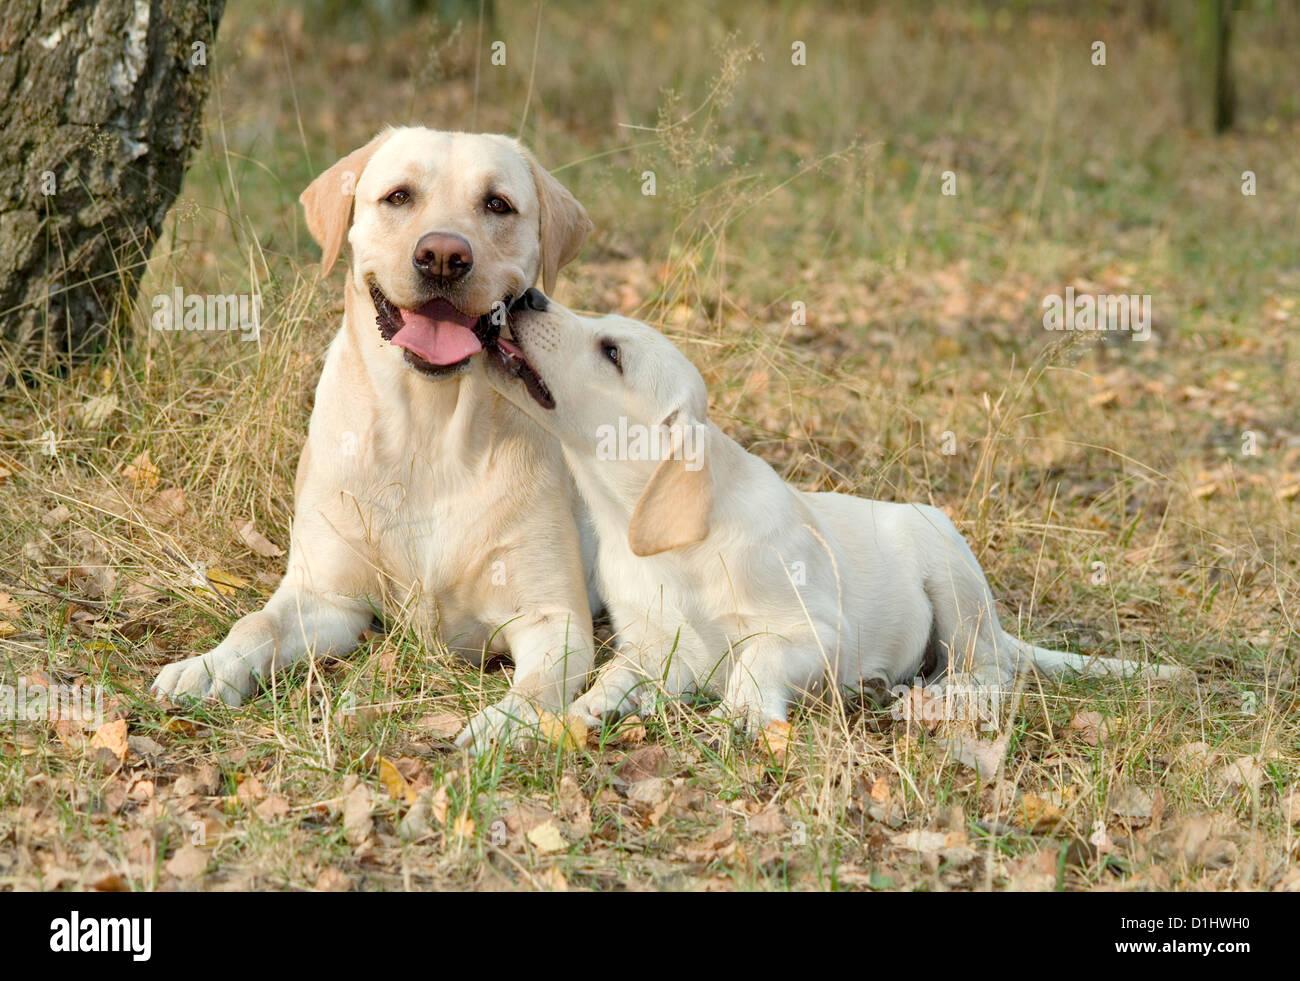 Labrador Retriever dogs - Stock Image